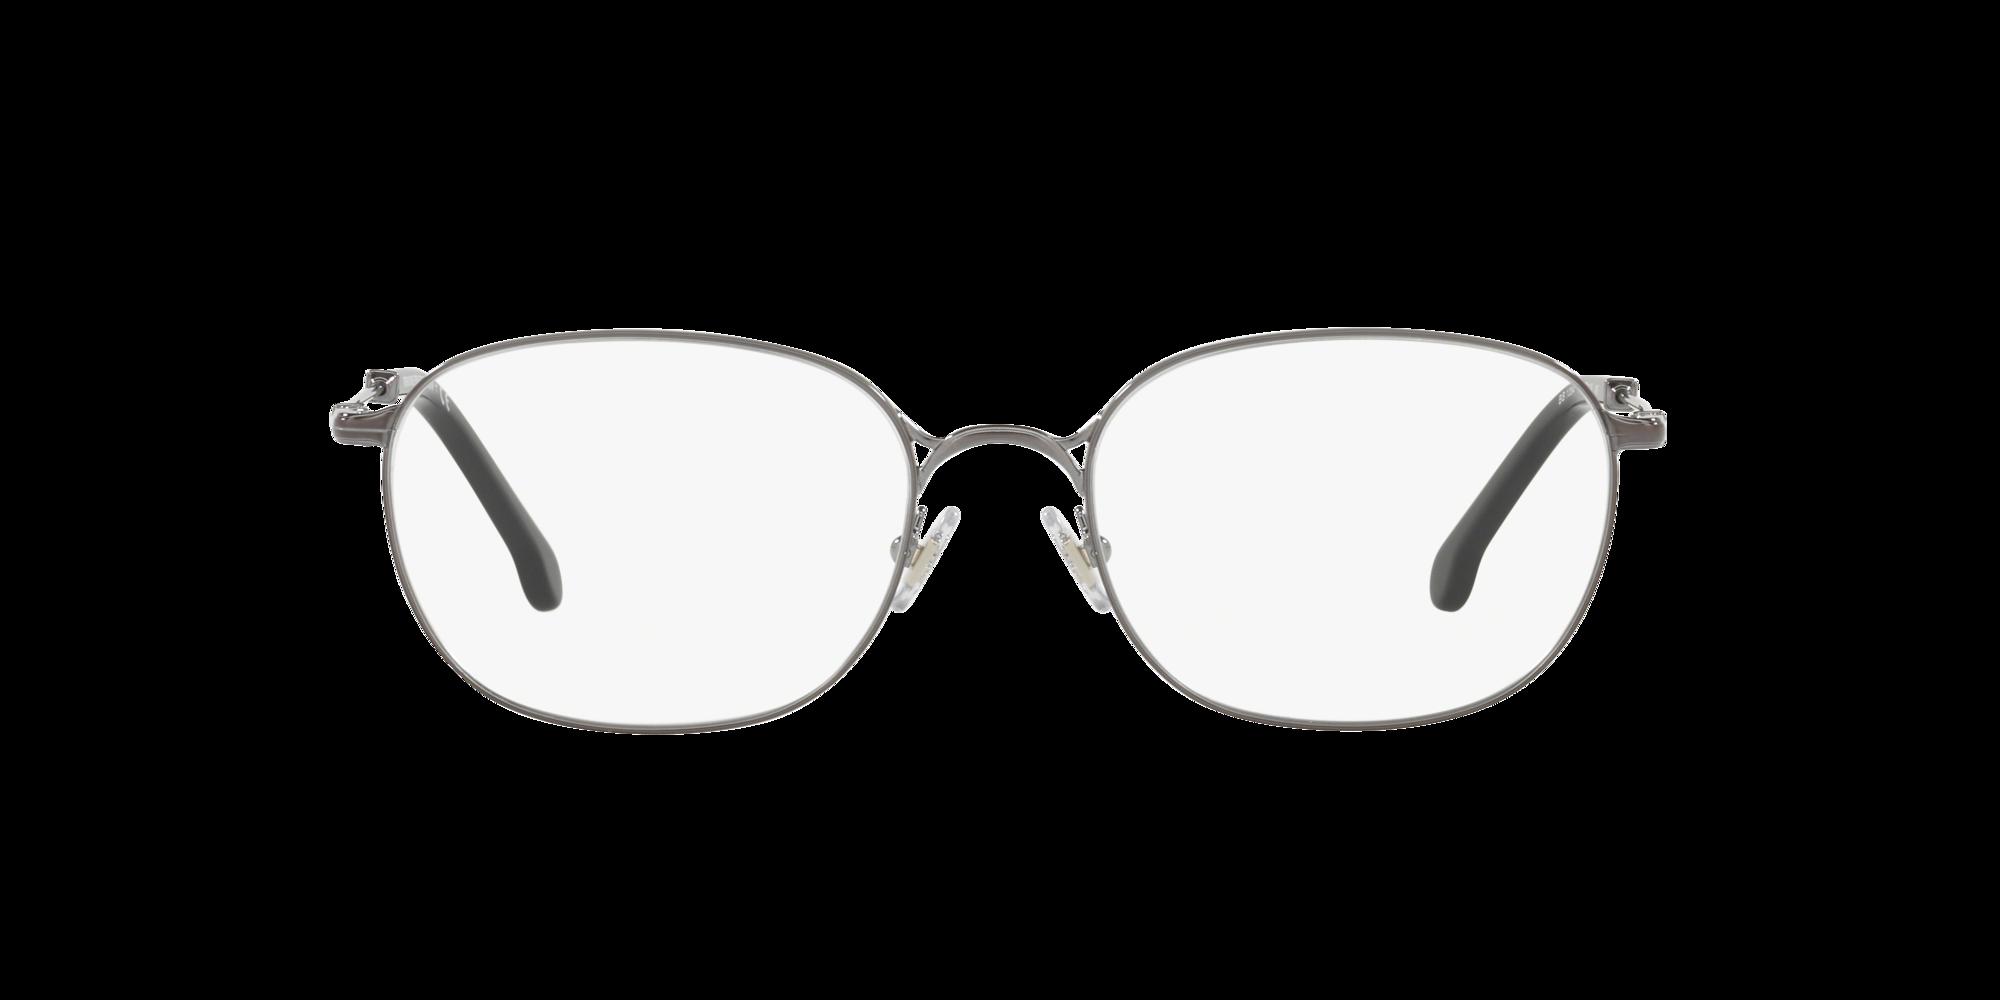 Imagen para BB1064 de LensCrafters |  Espejuelos, espejuelos graduados en línea, gafas